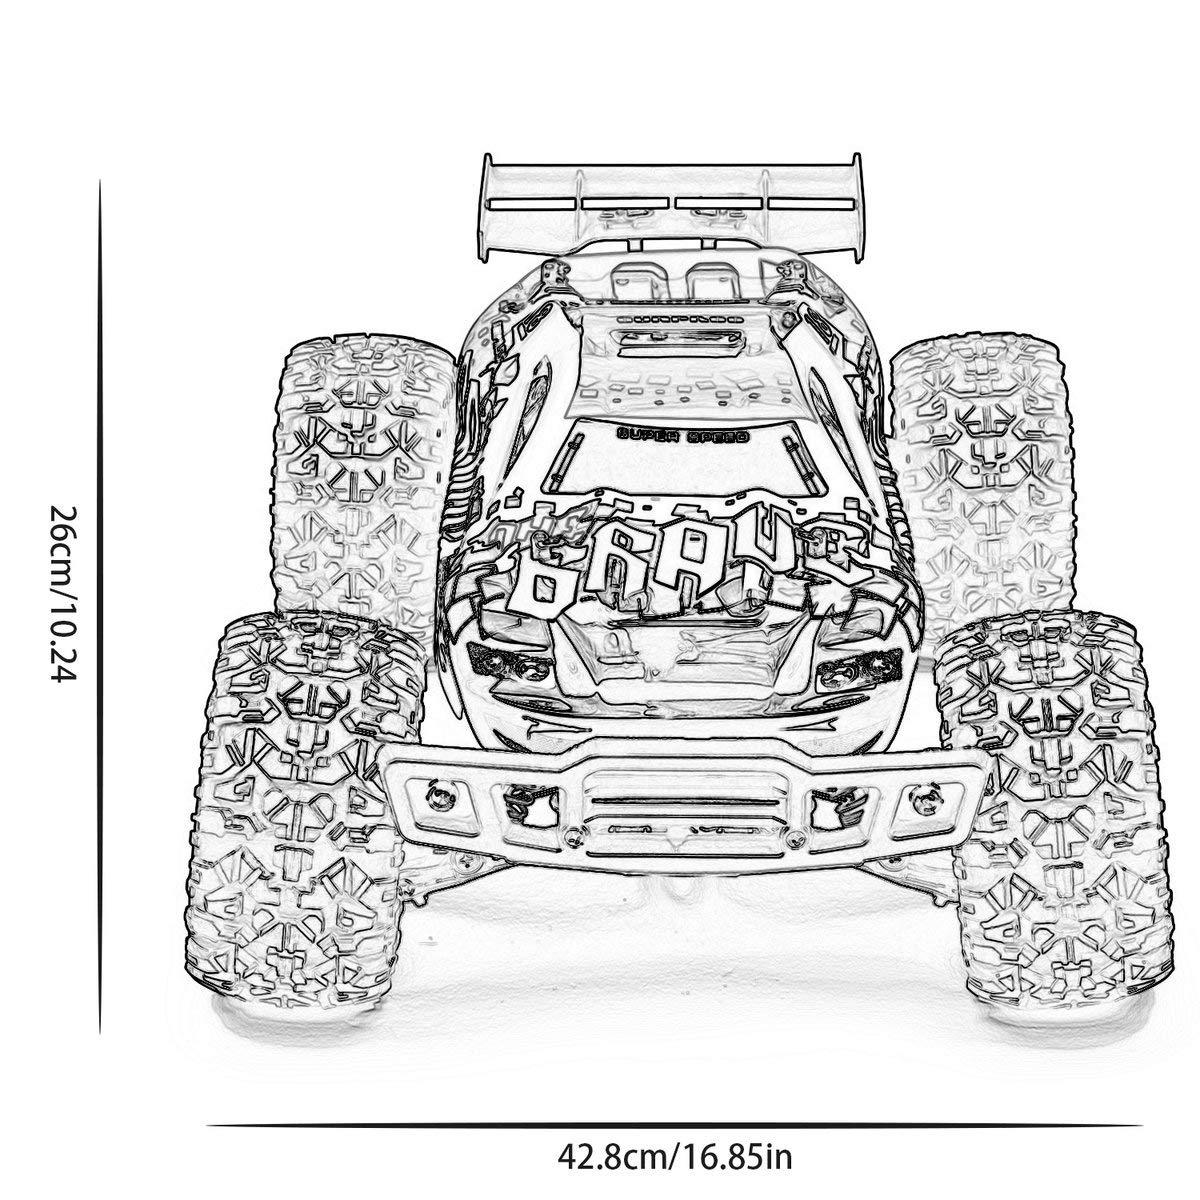 Gugutogo Gugutogo Gugutogo RC Car Thunder Wasserdichtes Geländewagen 1:12 Allrad-Hochgeschwindigkeitsmodellauto (Gold) 4578ac